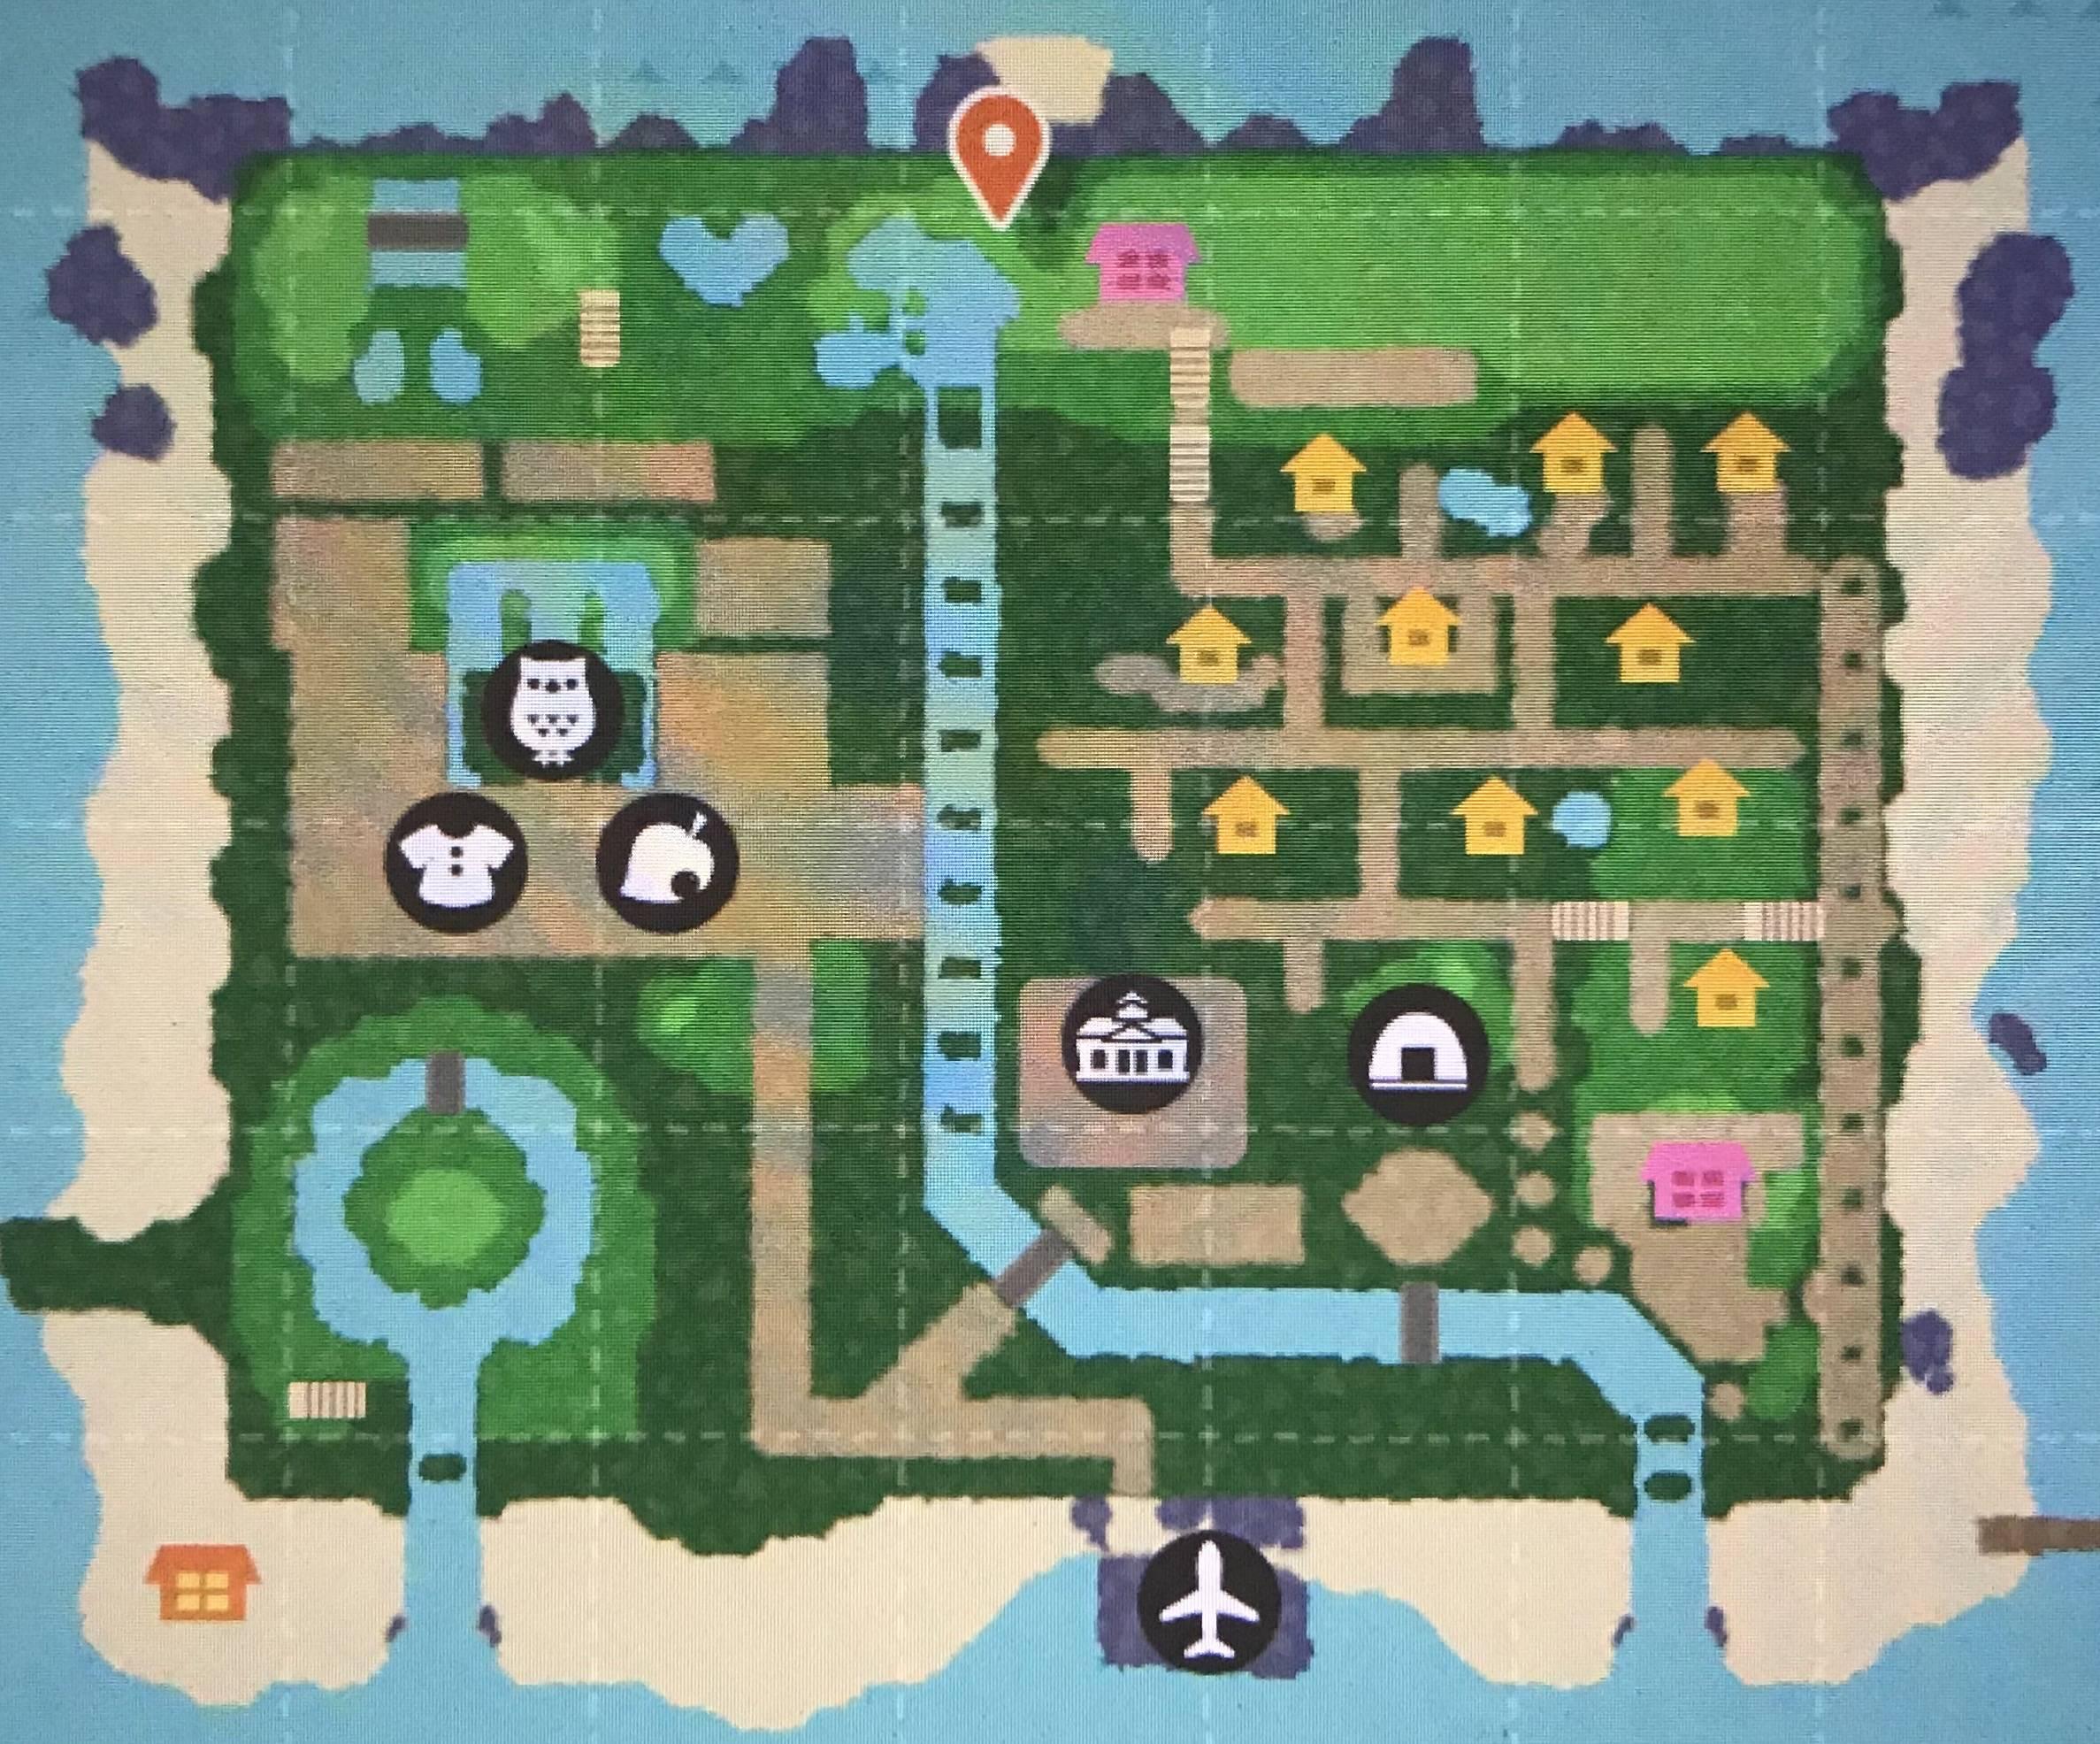 森 レイアウト 地図 島 あつ